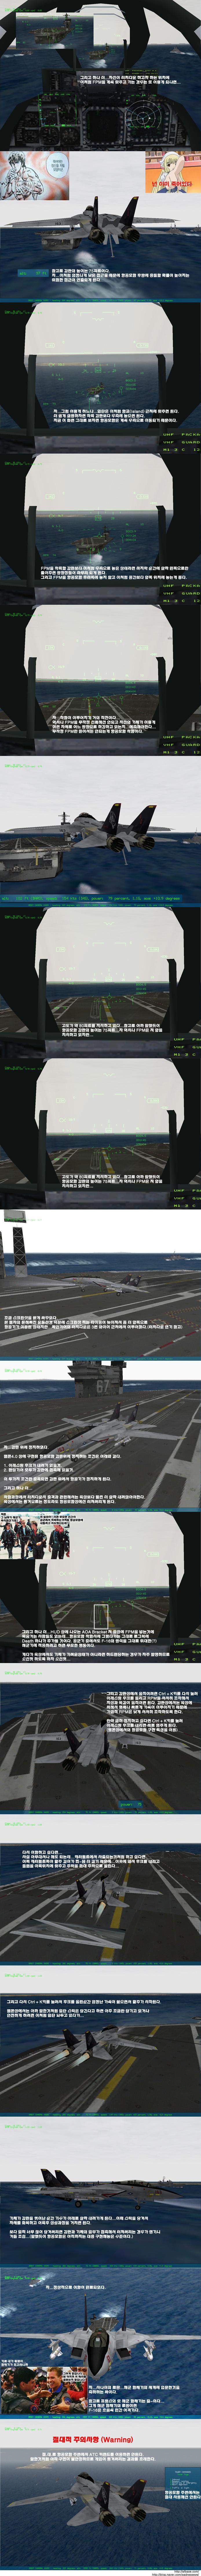 manual_23_navy2.jpg